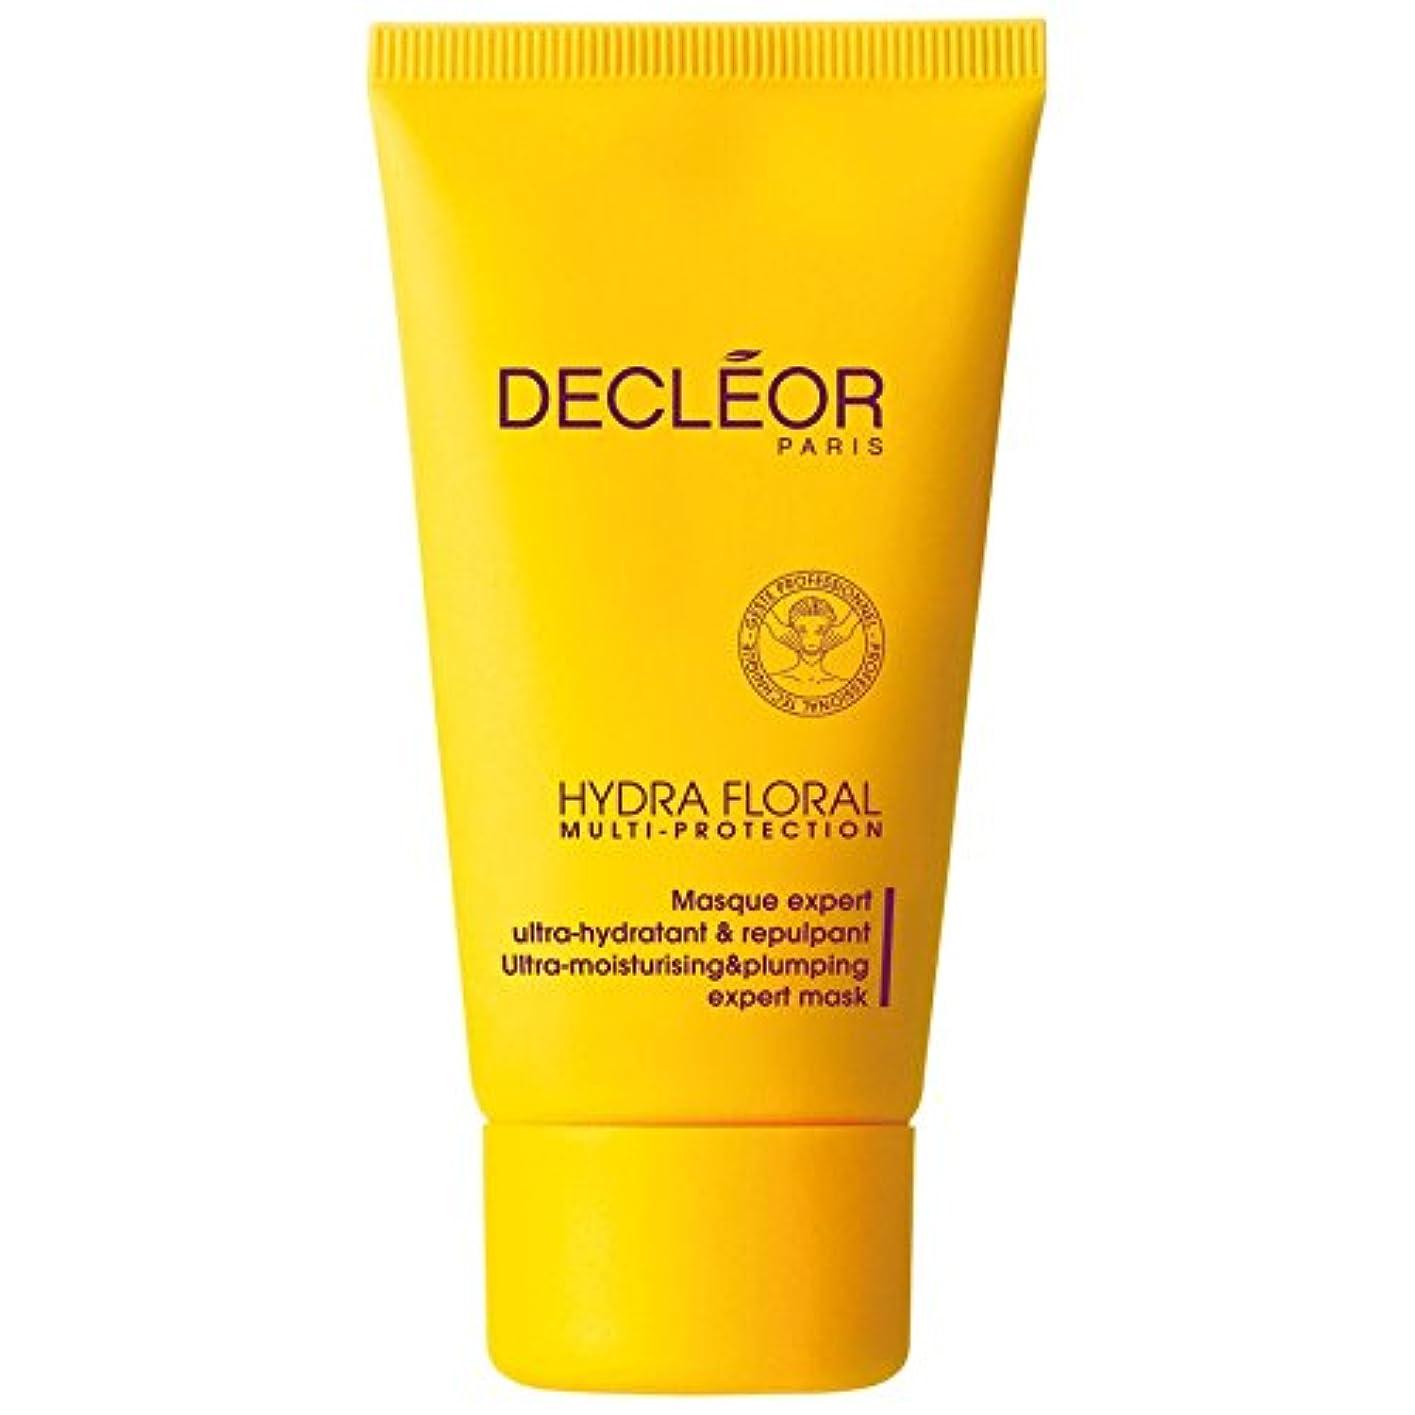 発動機。かなりの[Decl?or] デクレオールヒドラ花のマルチ保護の専門家マスク50ミリリットル - Decl?or Hydra Floral Multi Protection Expert Mask 50ml [並行輸入品]